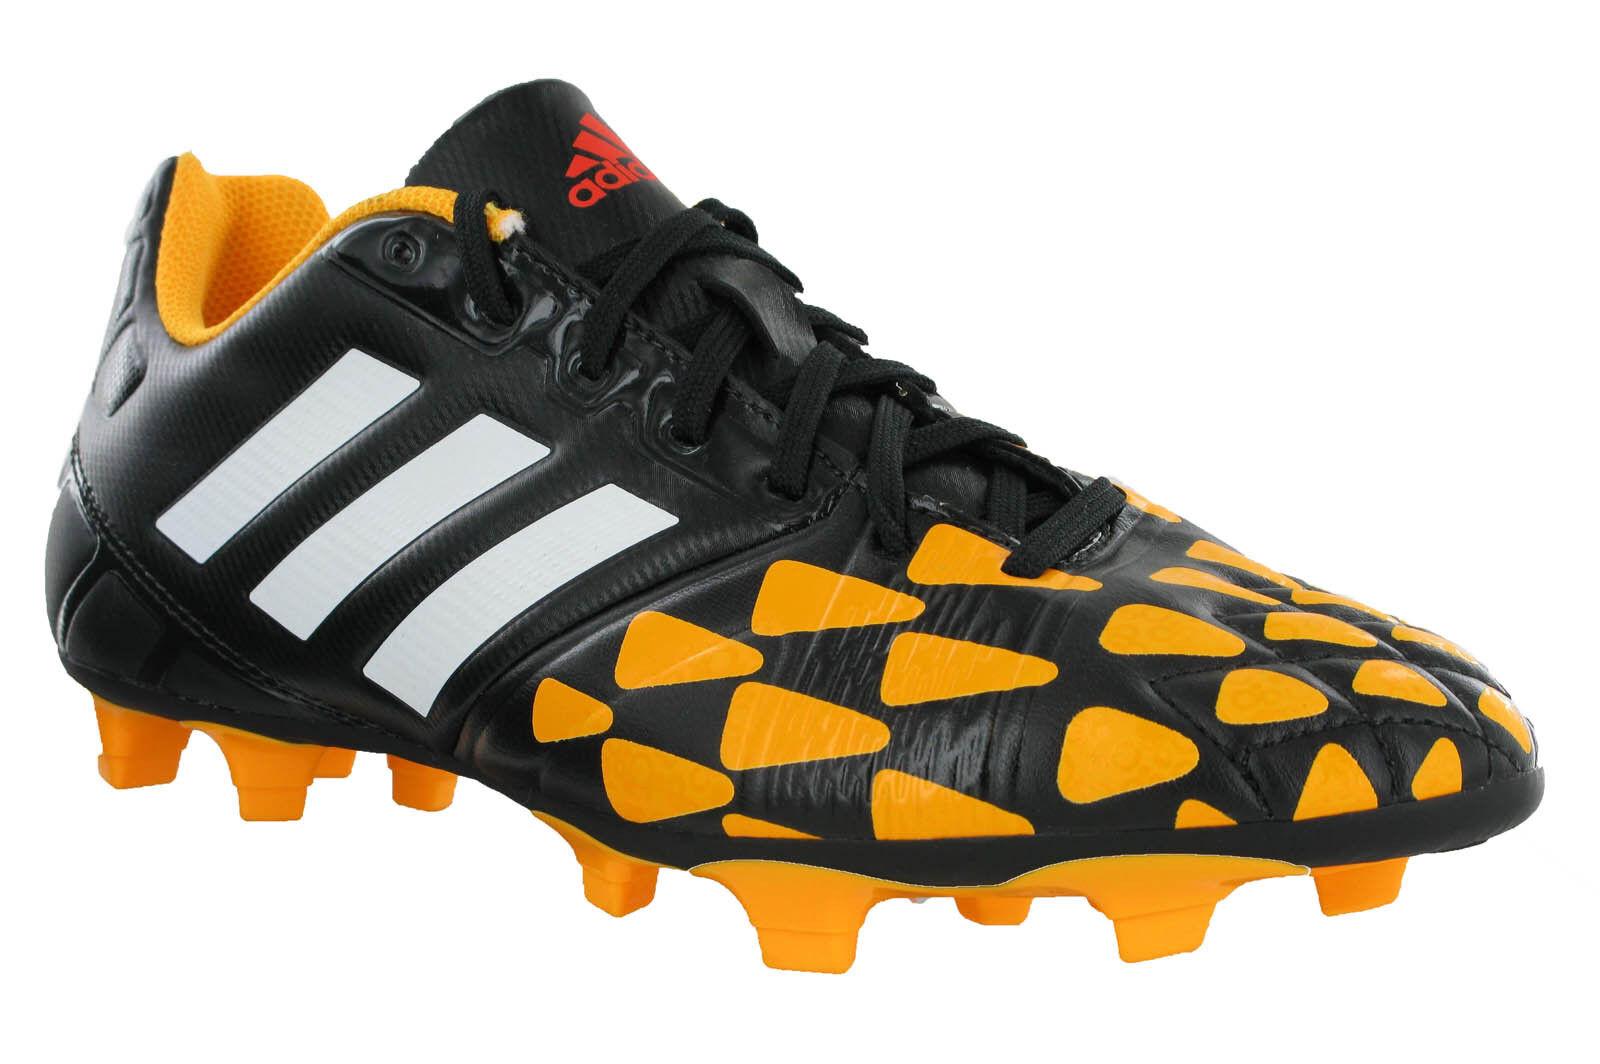 Adidas Nitrocharge 3.0 Festen Boden Fg Fußball Fußball Fußball Geformte Stollen Schnürsiefel 3ba1ad